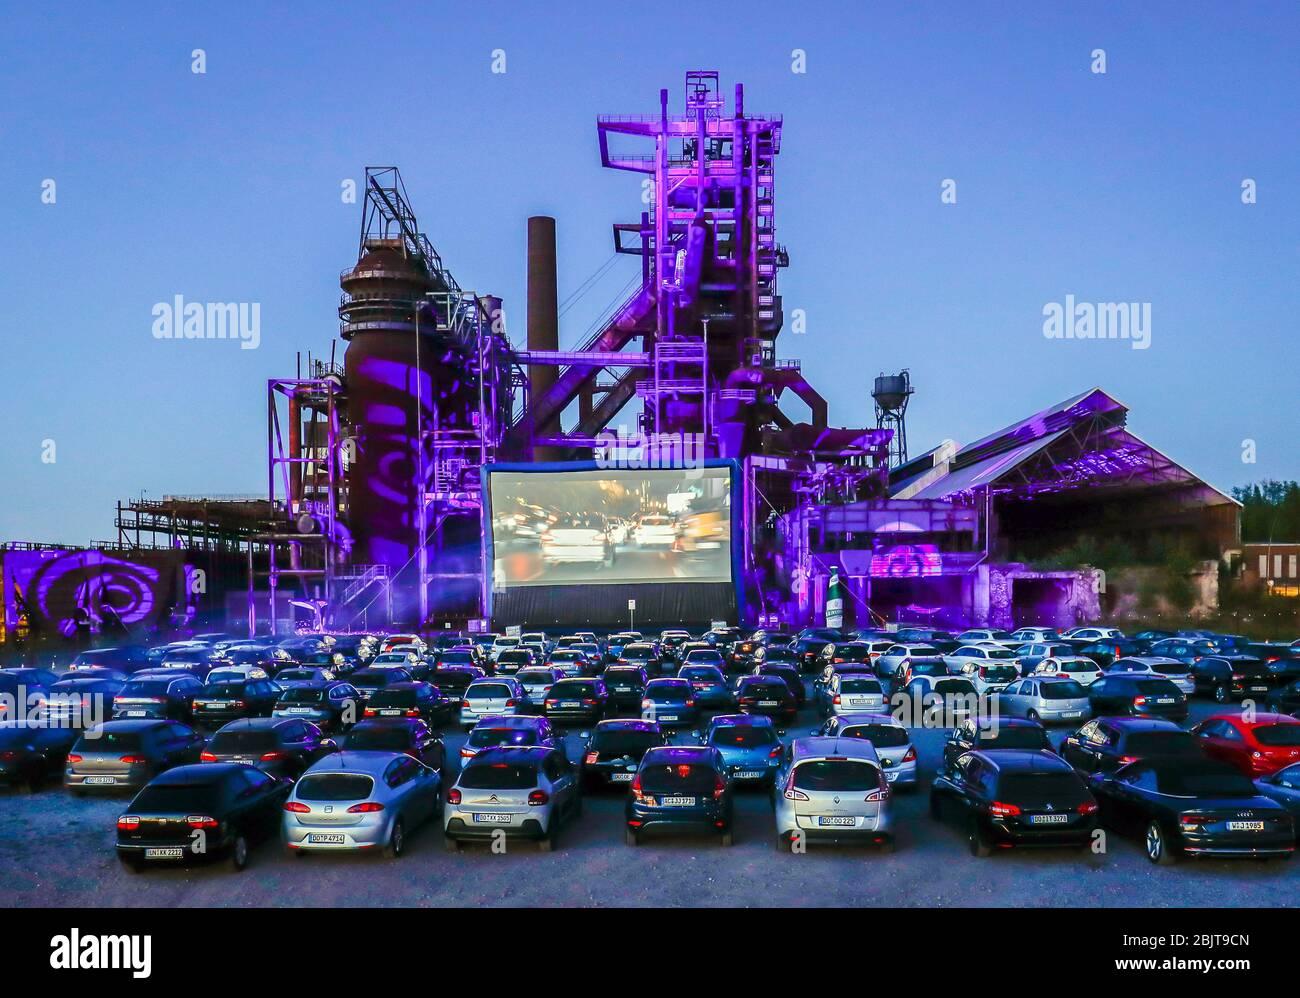 Cinemaxx Dortmund